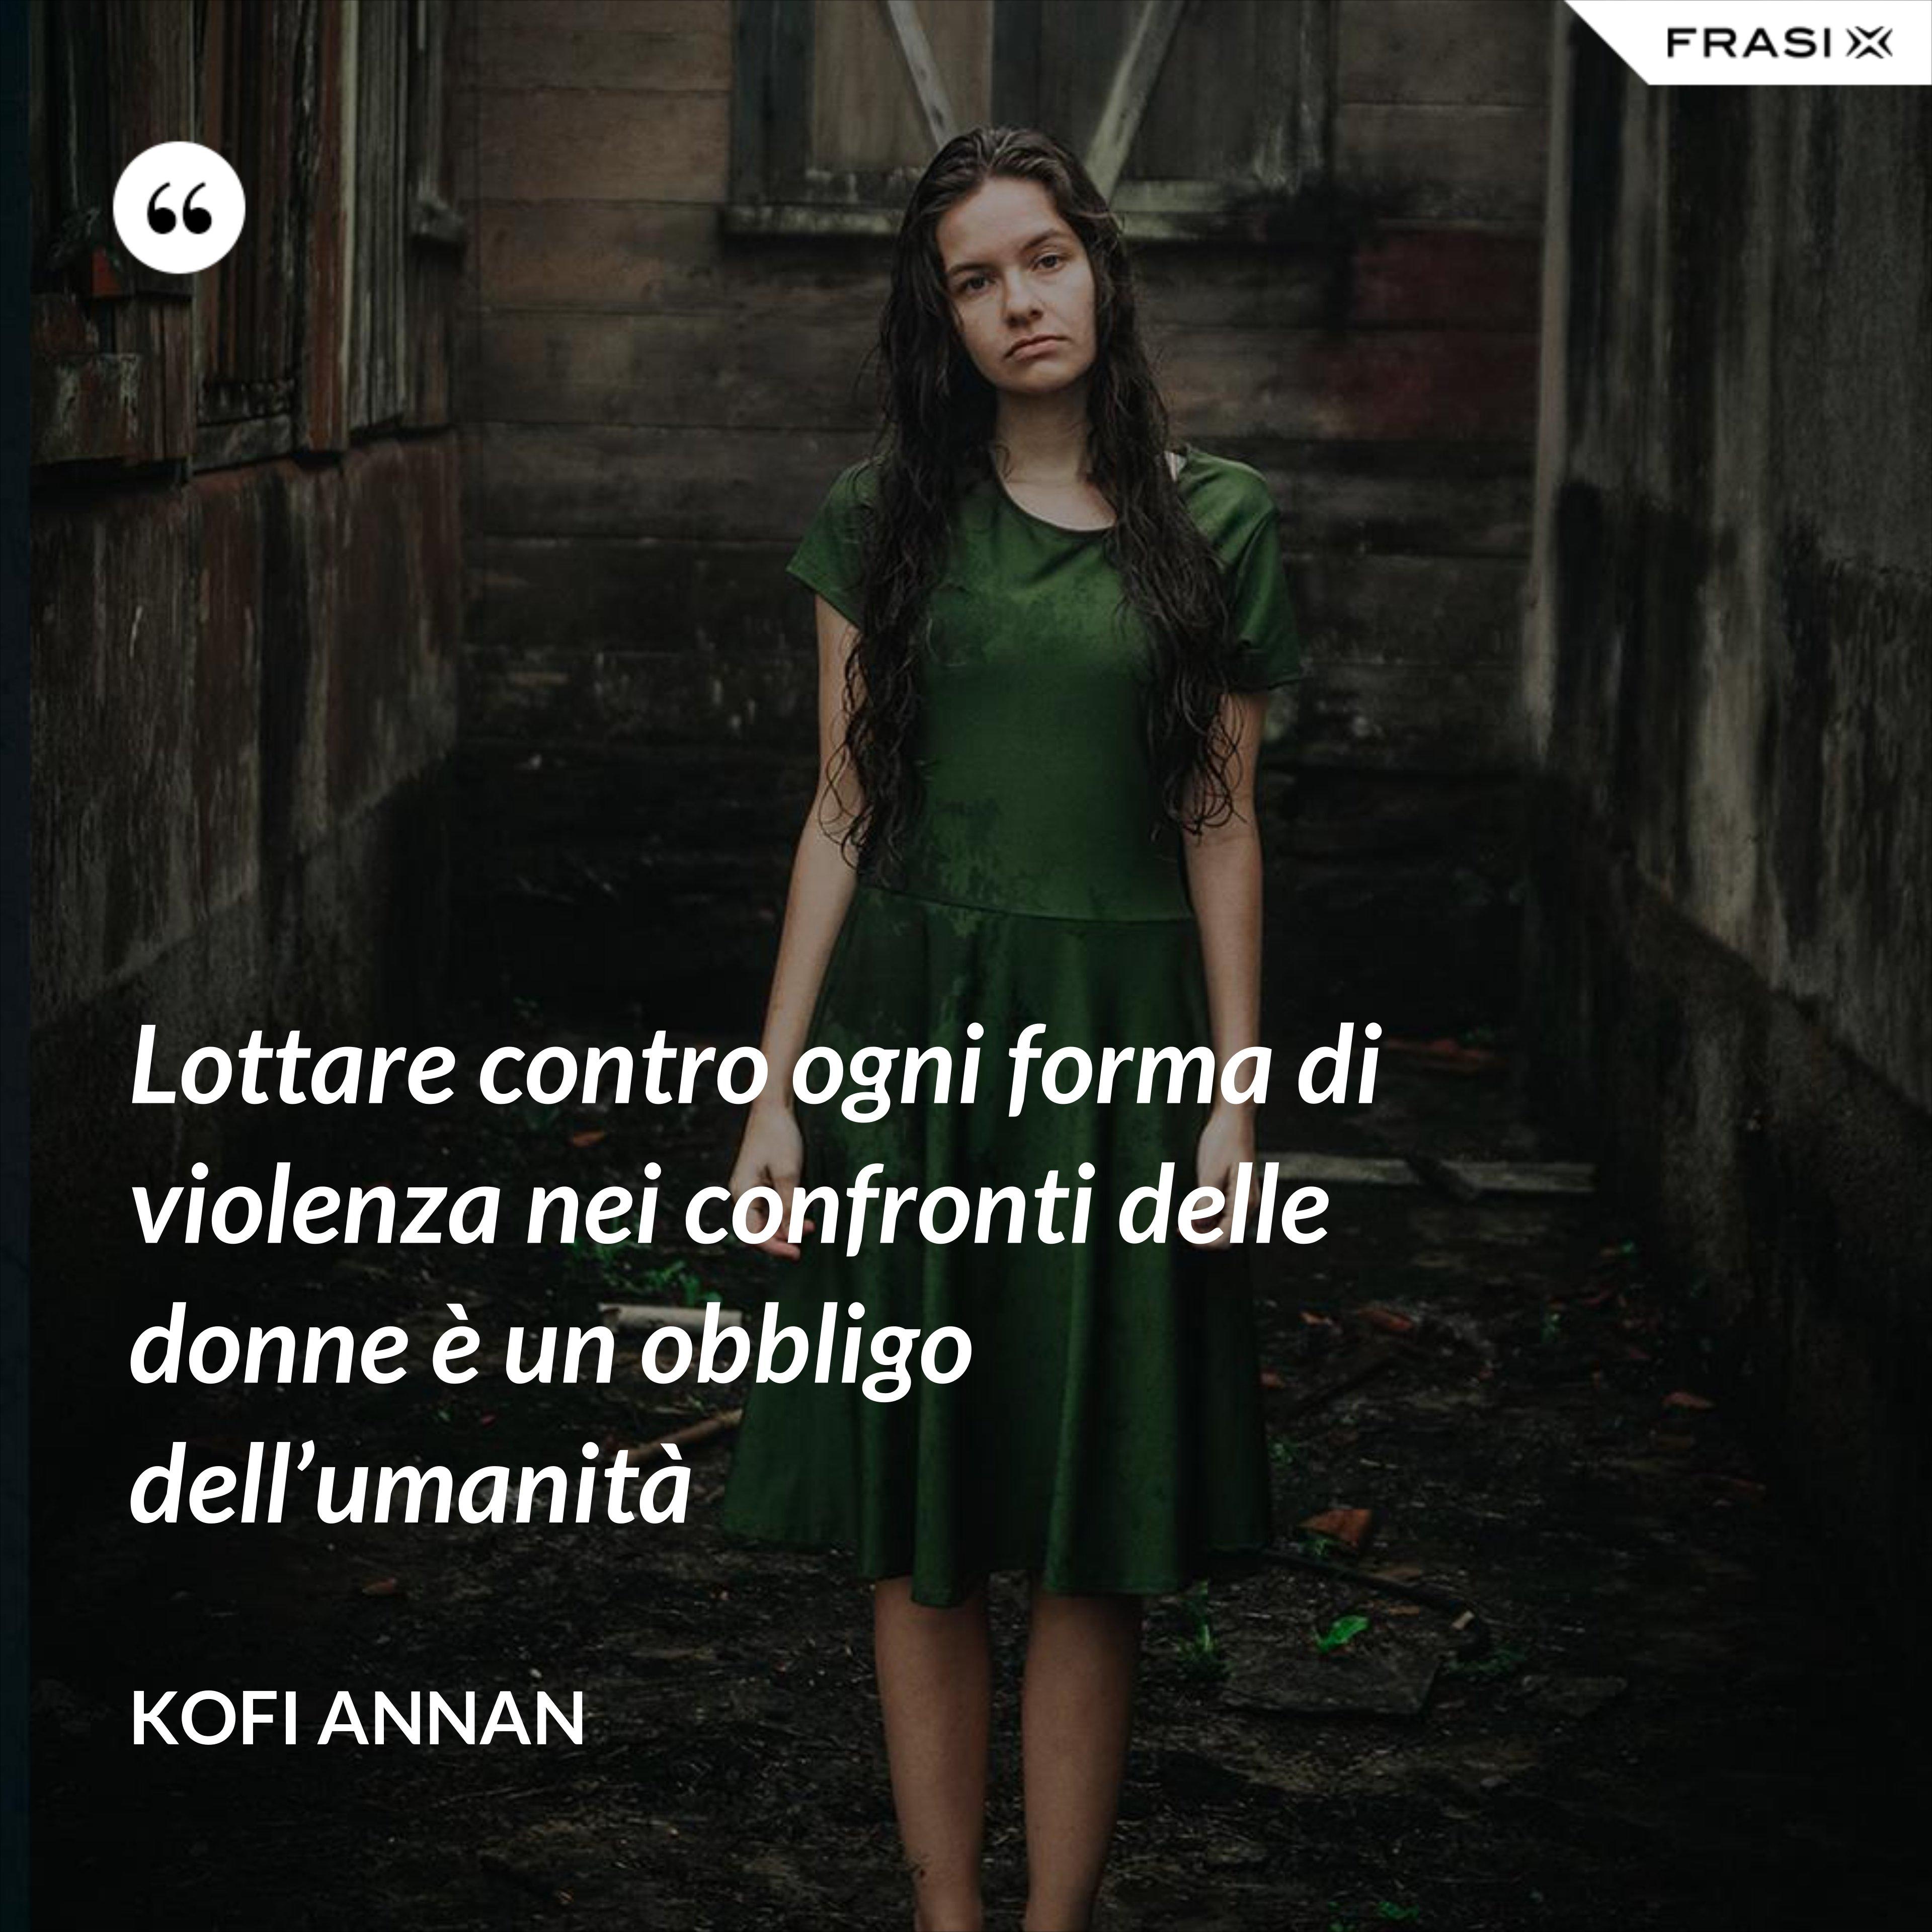 Lottare contro ogni forma di violenza nei confronti delle donne è un obbligo dell'umanità - Kofi Annan